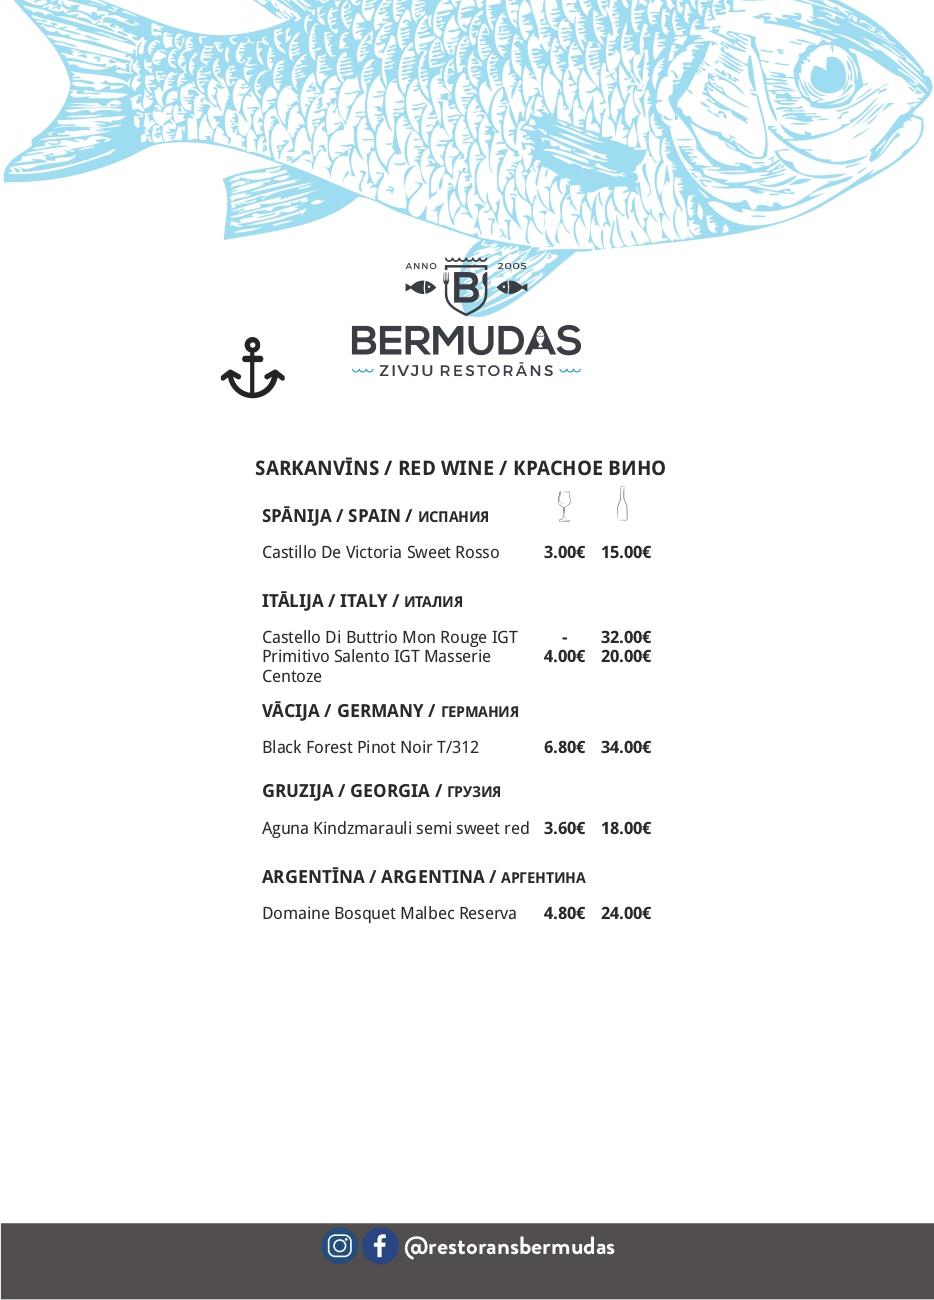 BERMUDAS - edienkarte 2021 - web 1-8_page-0005